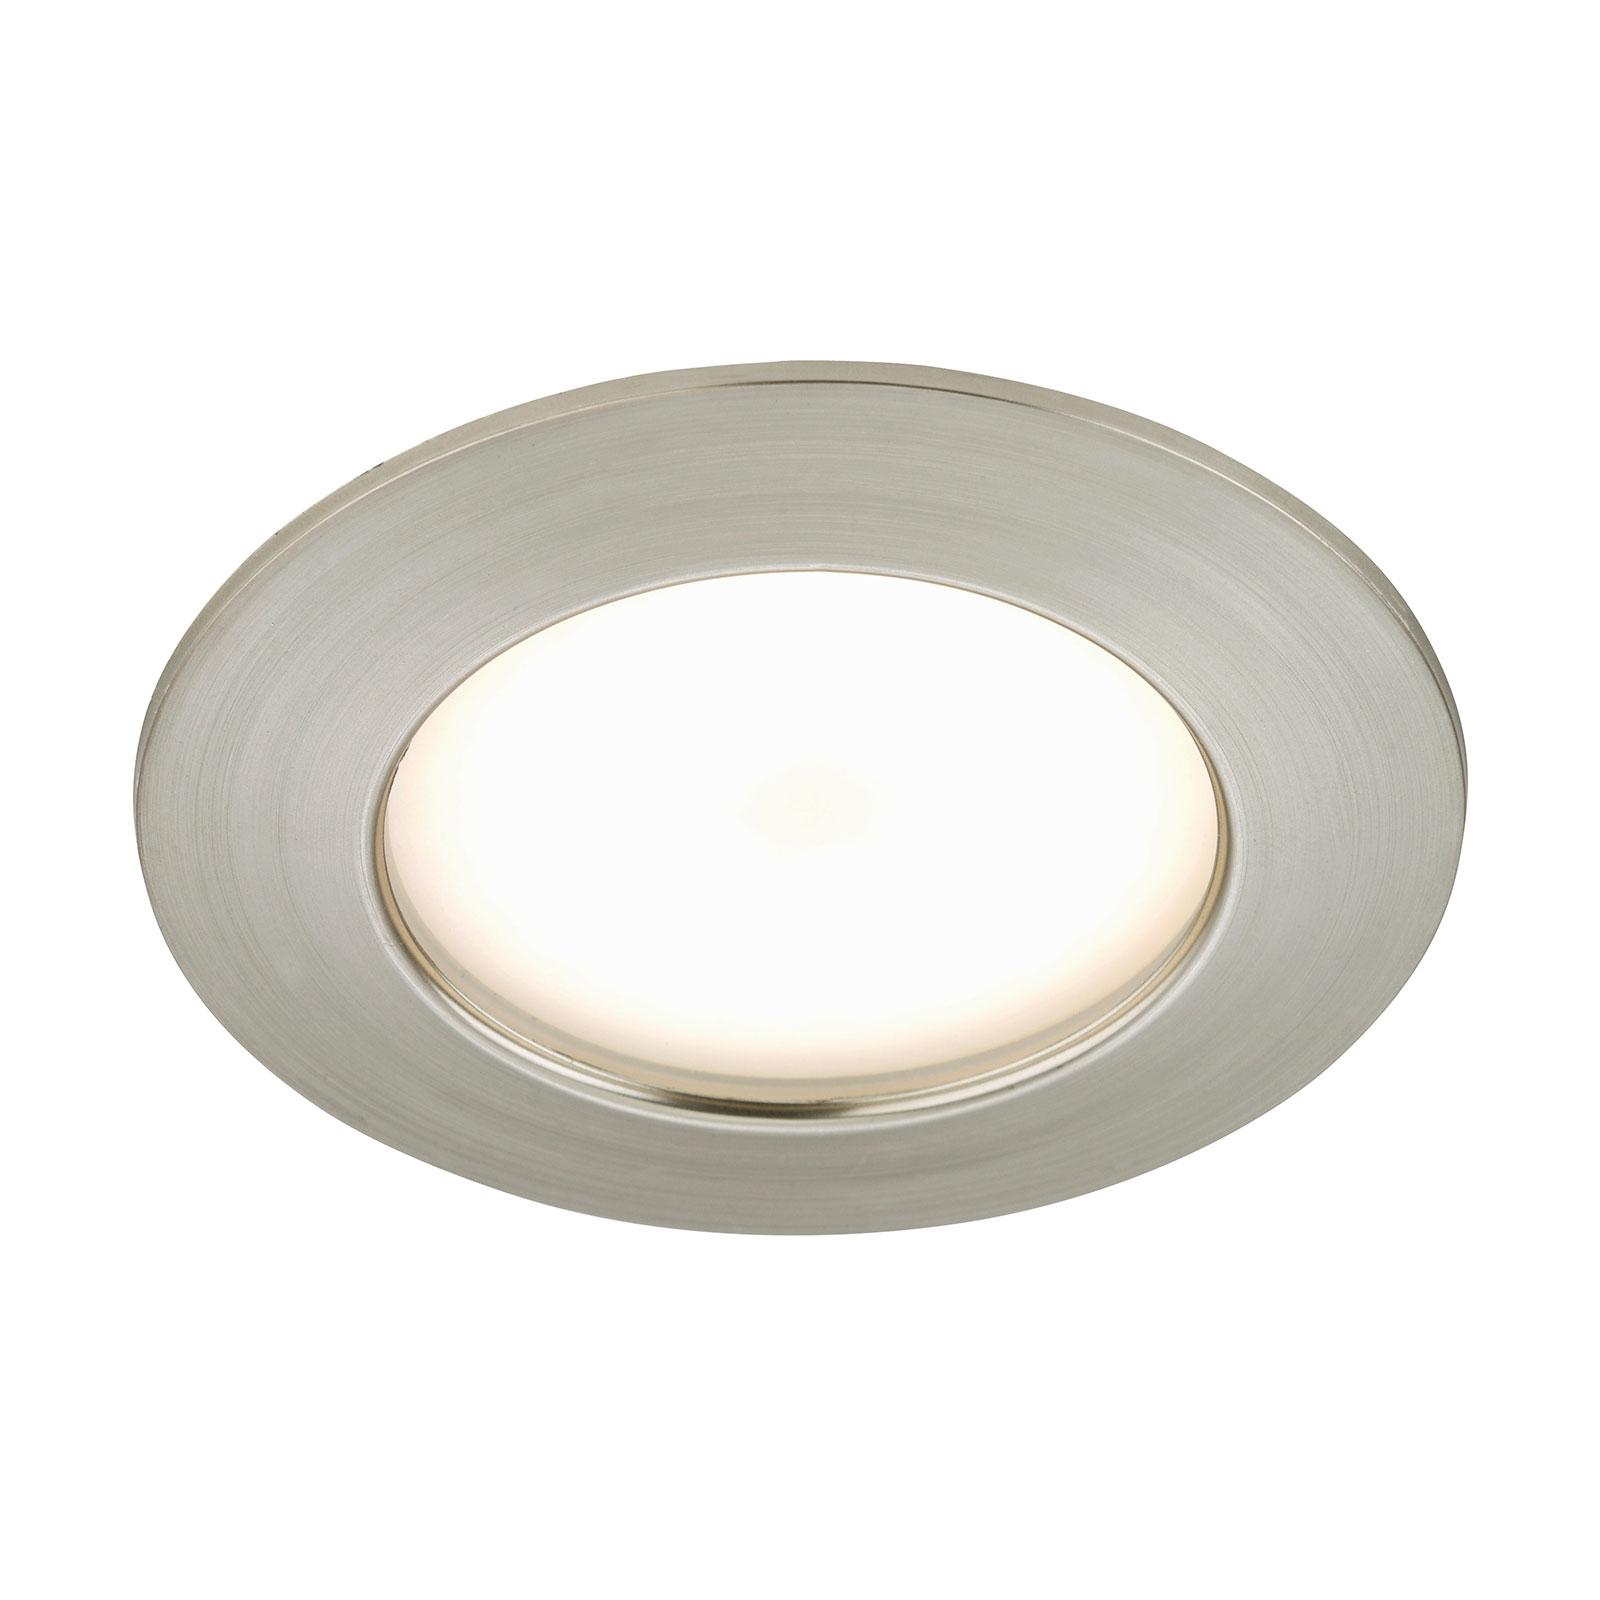 Silné LED podhledové svítidlo Elli, nikl matný